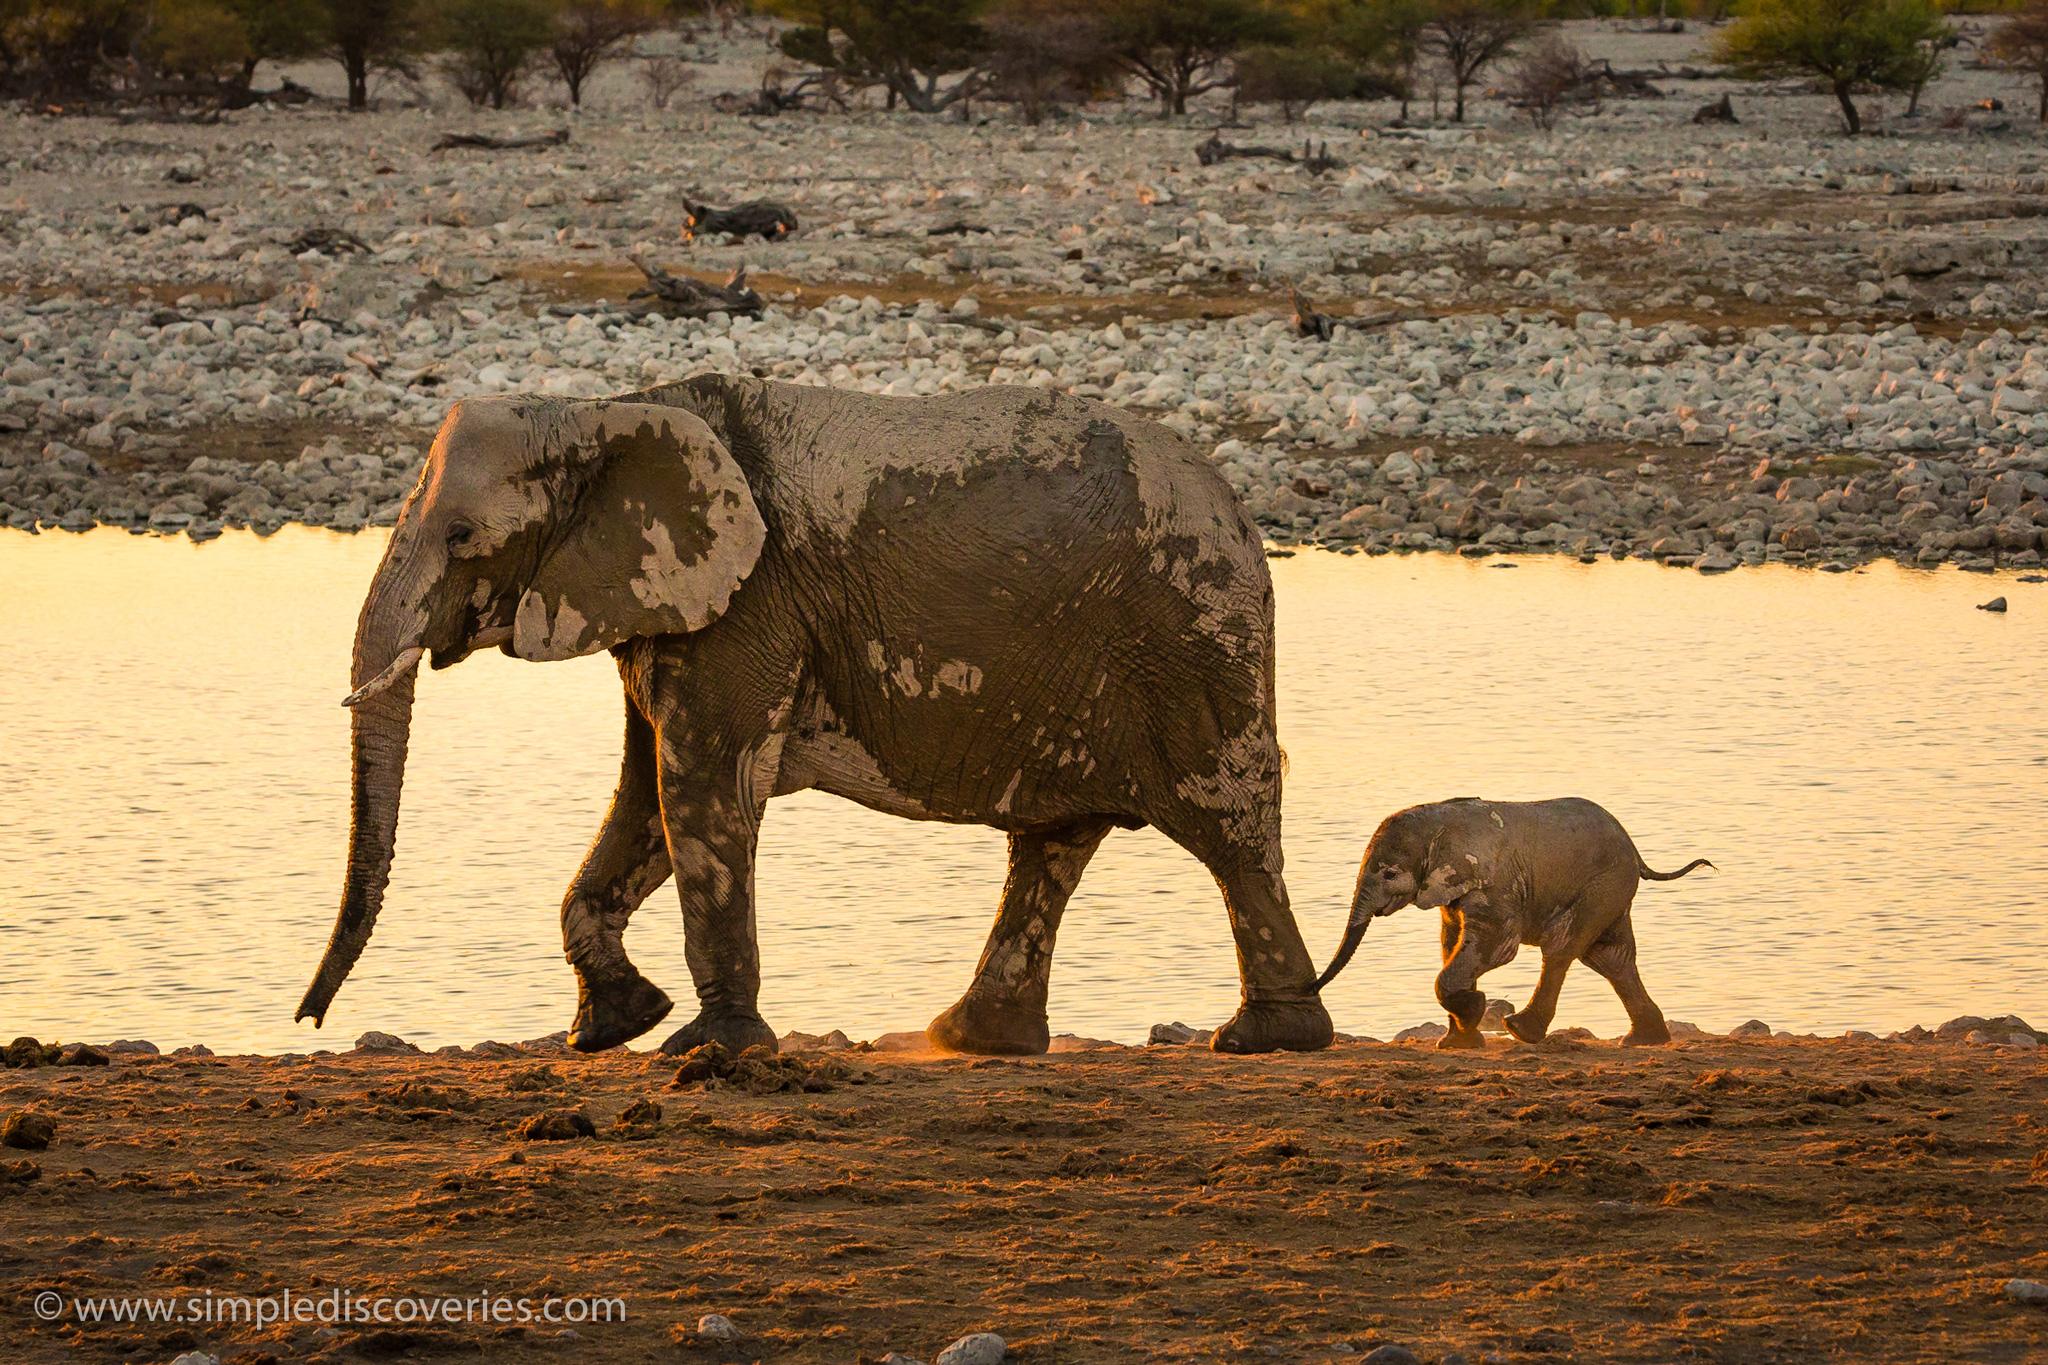 etosha_elephants